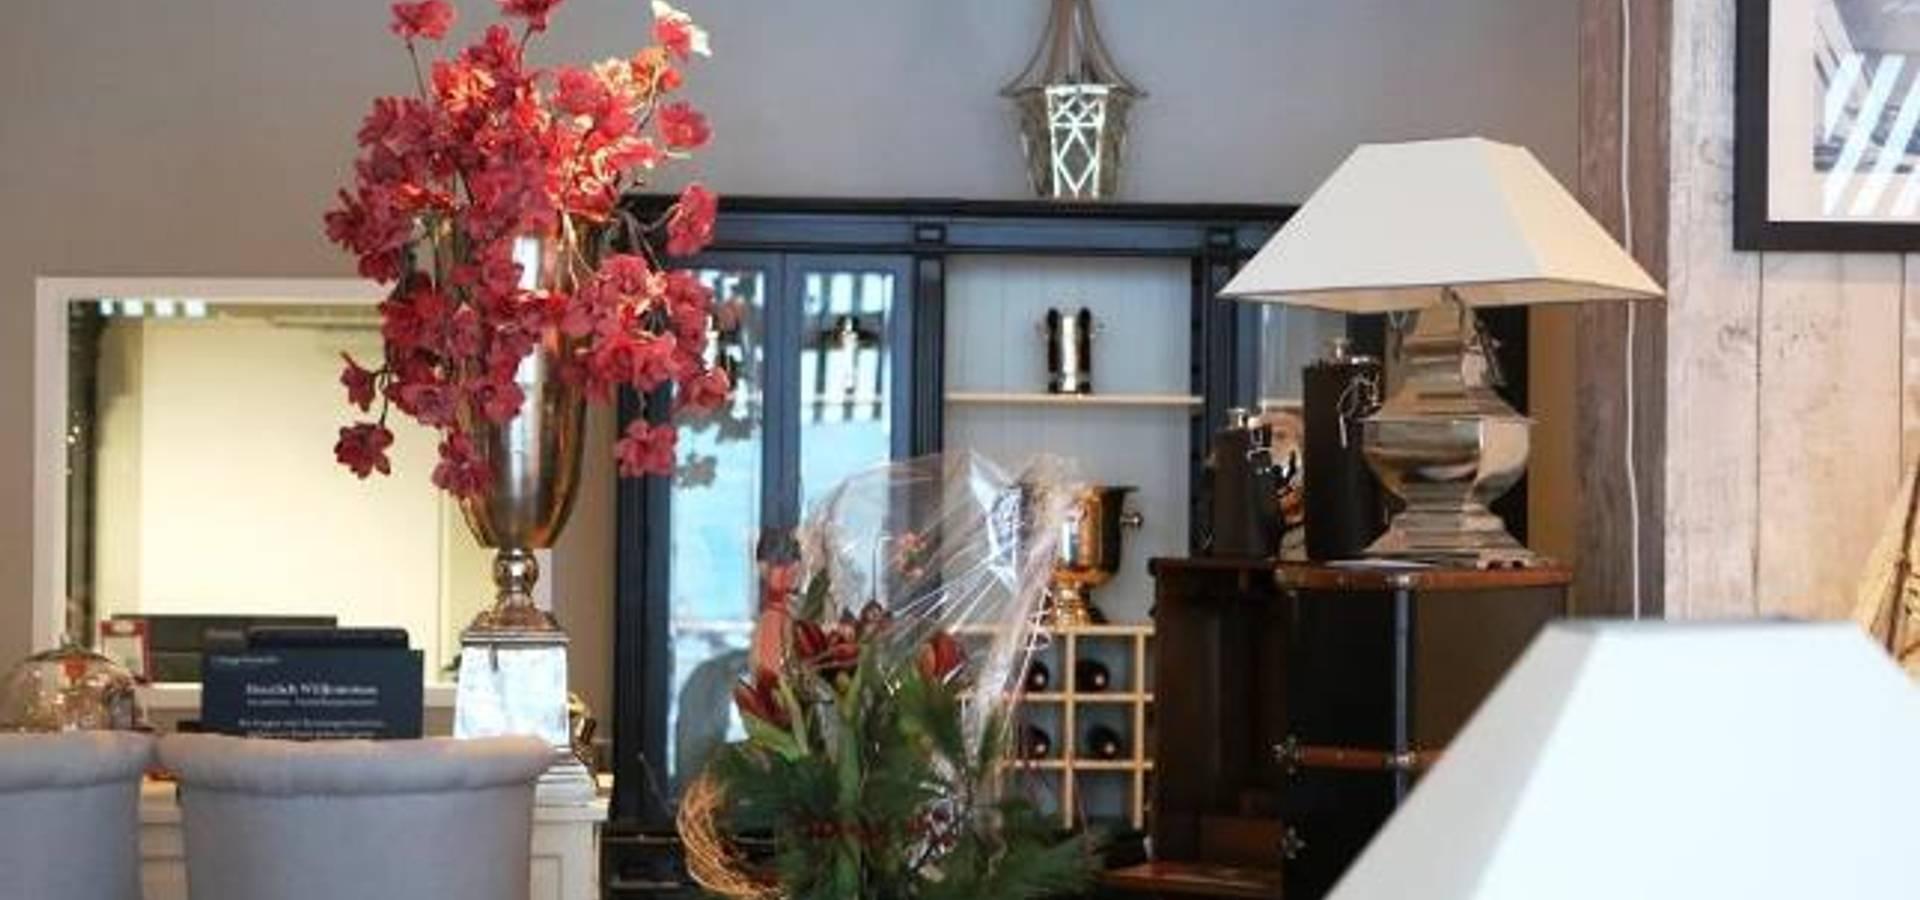 stadthaus frankfurt by cottagehomeart est 2012. Black Bedroom Furniture Sets. Home Design Ideas